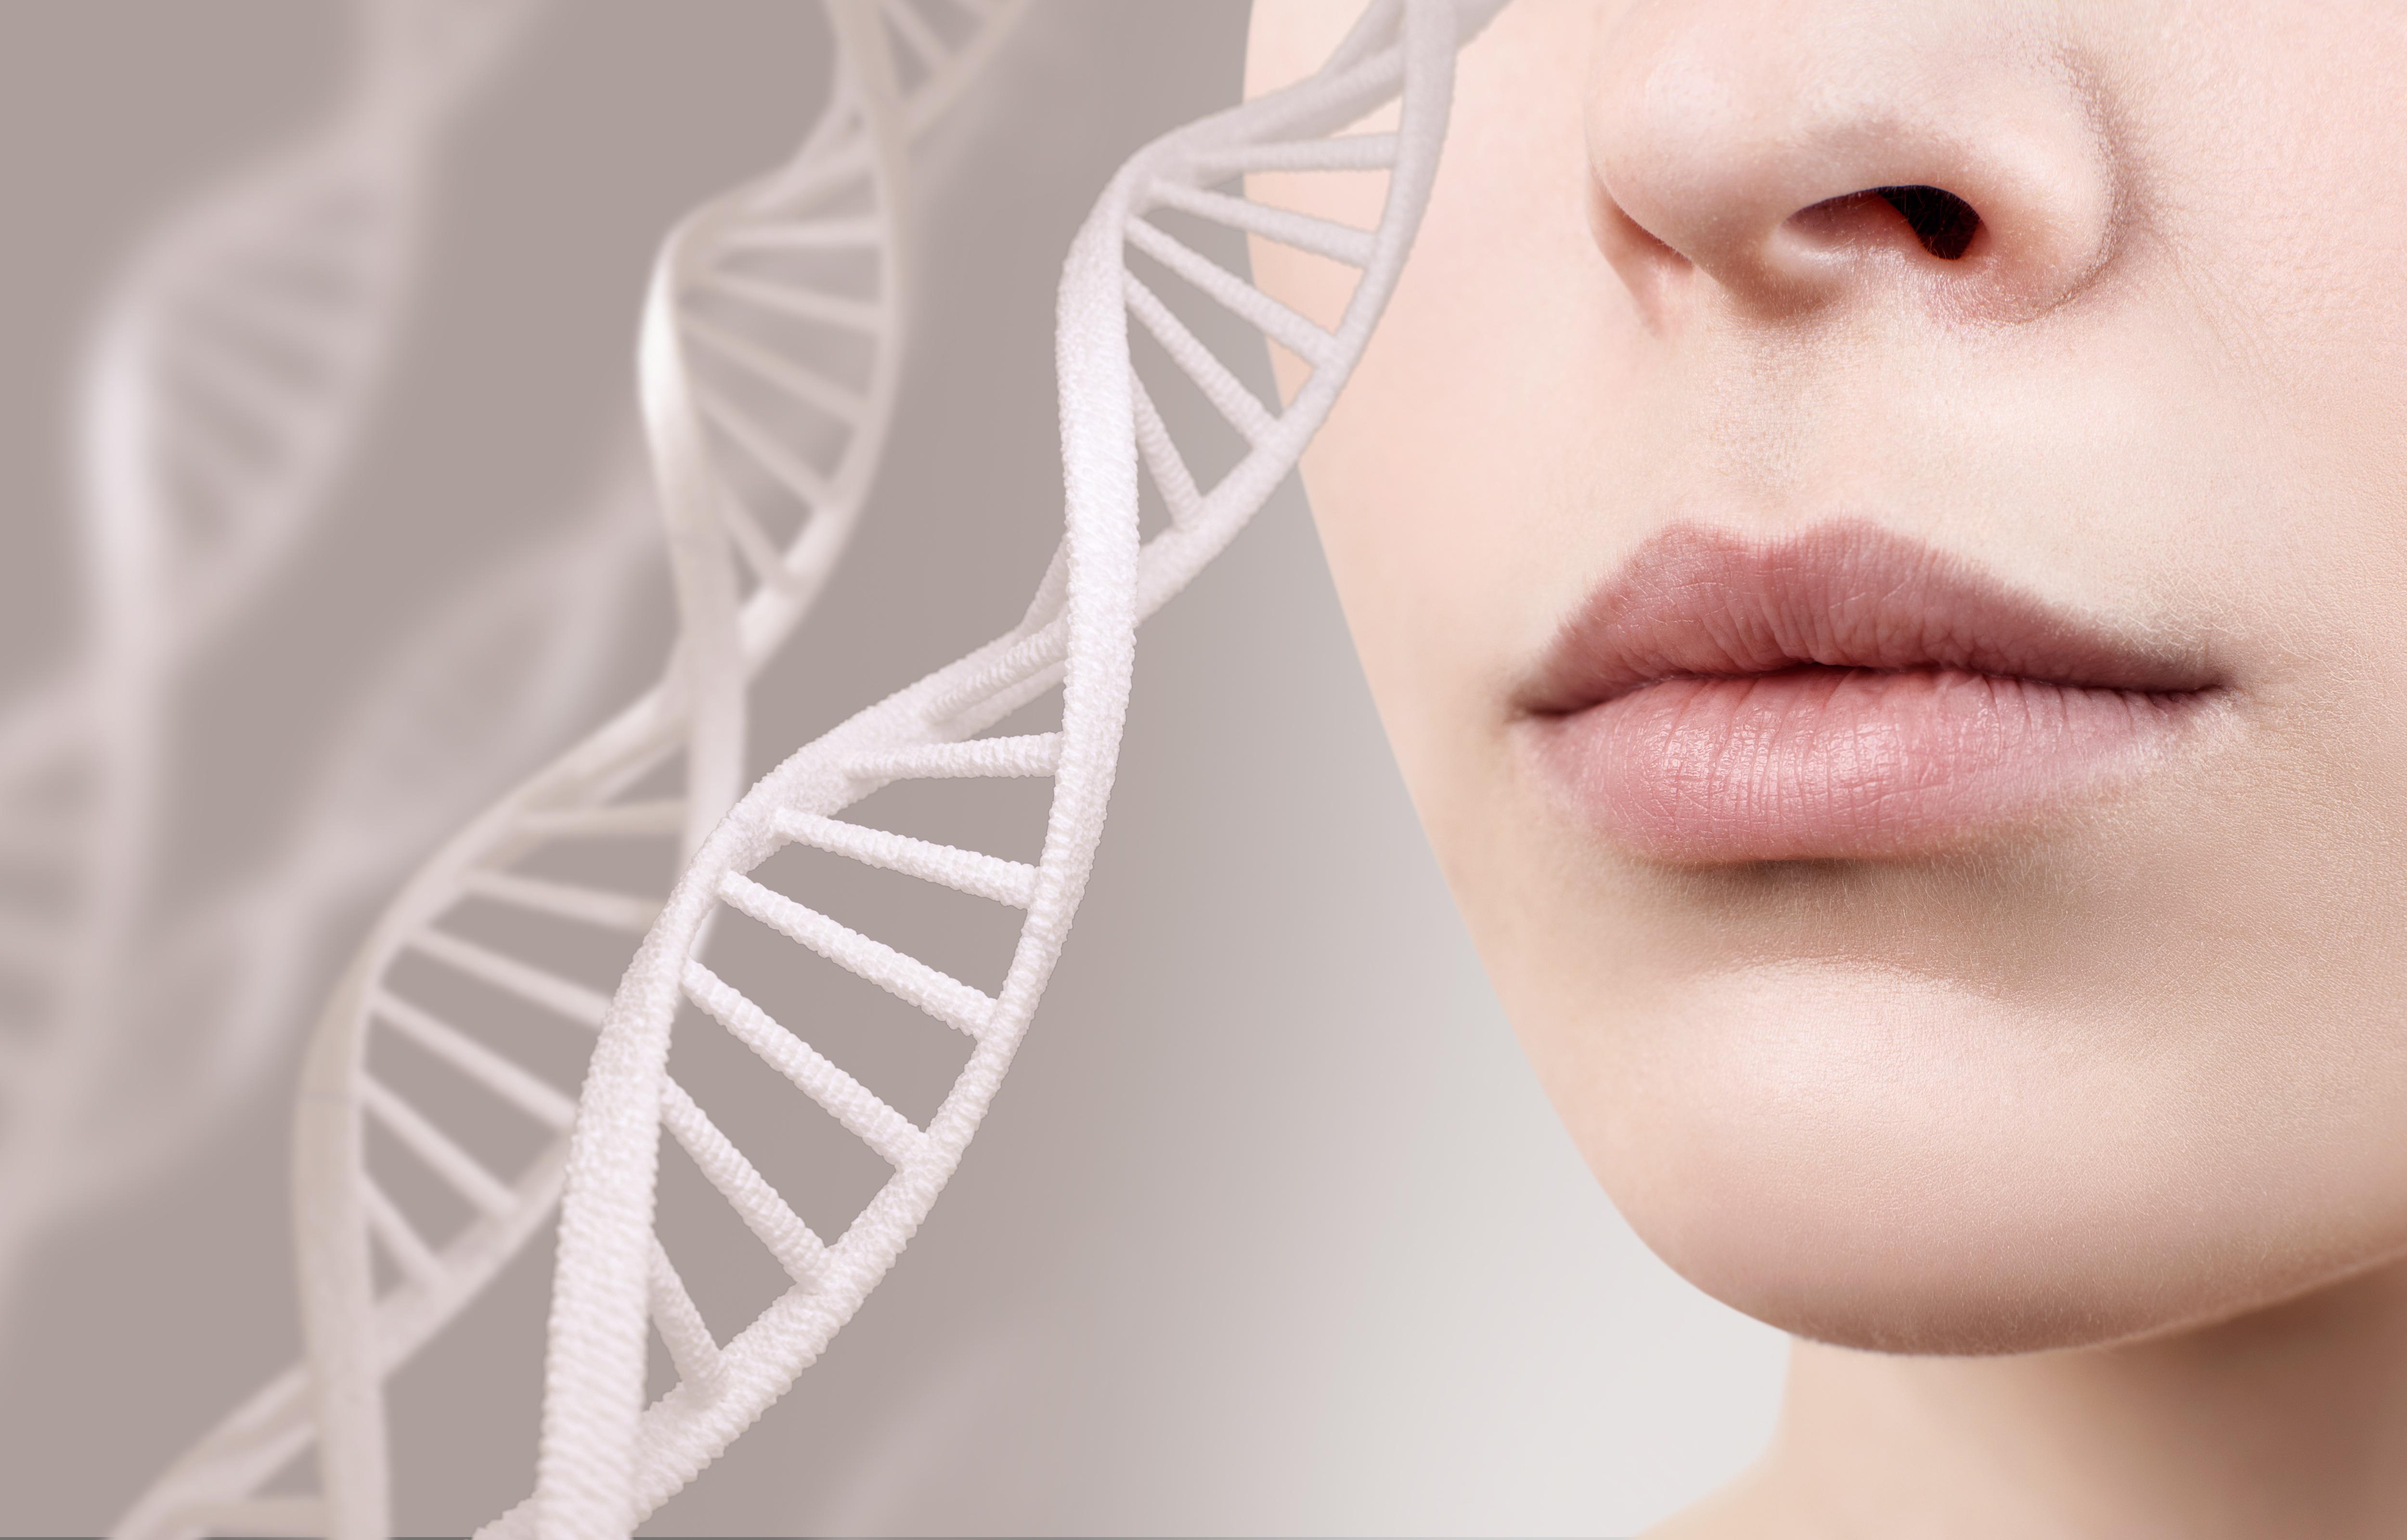 Découverte de 32 sites génétiques qui influencent la forme du nez, des lèvres, de la mâchoire et des sourcils (Visuel Adobe Stock 226452585)